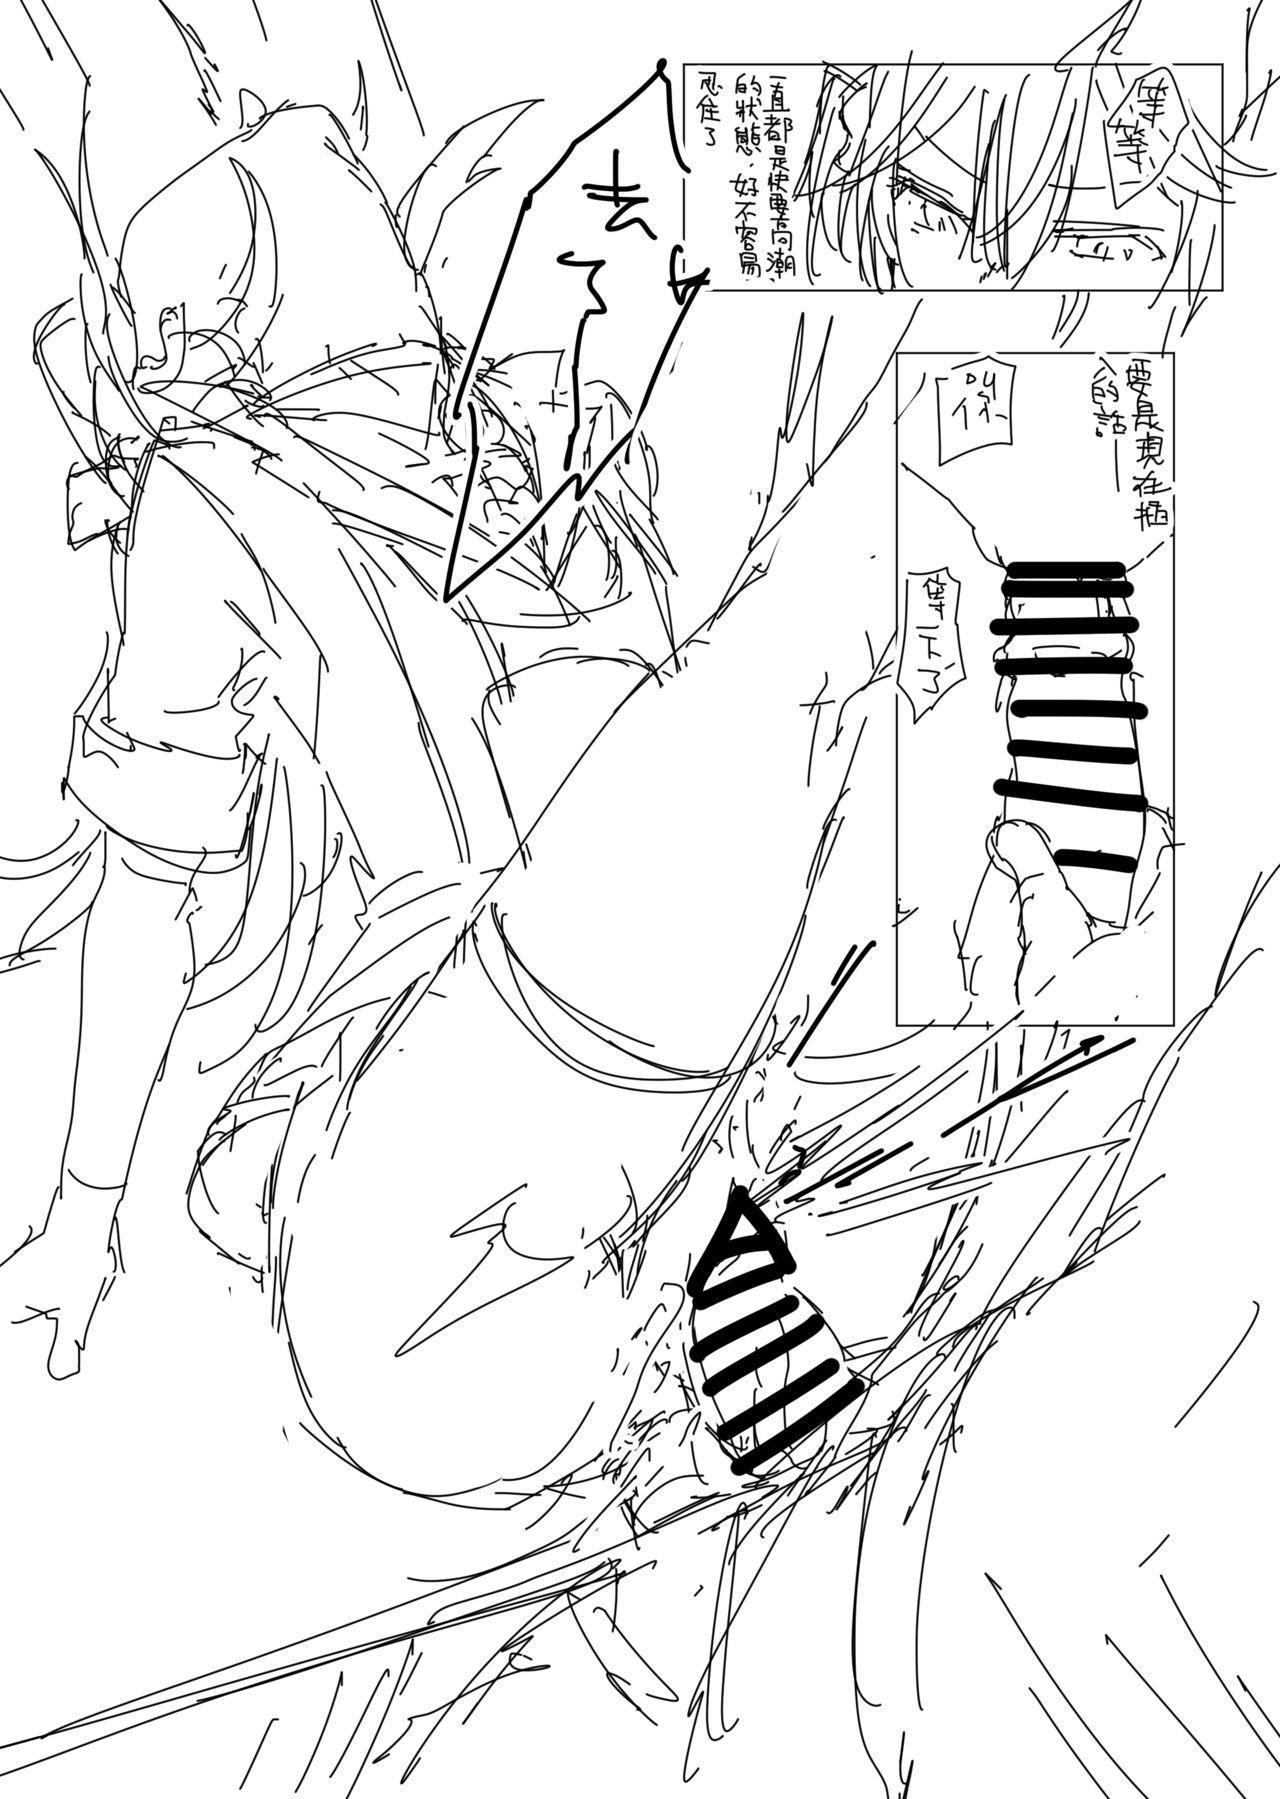 Hipper Rakugaki Manga 21